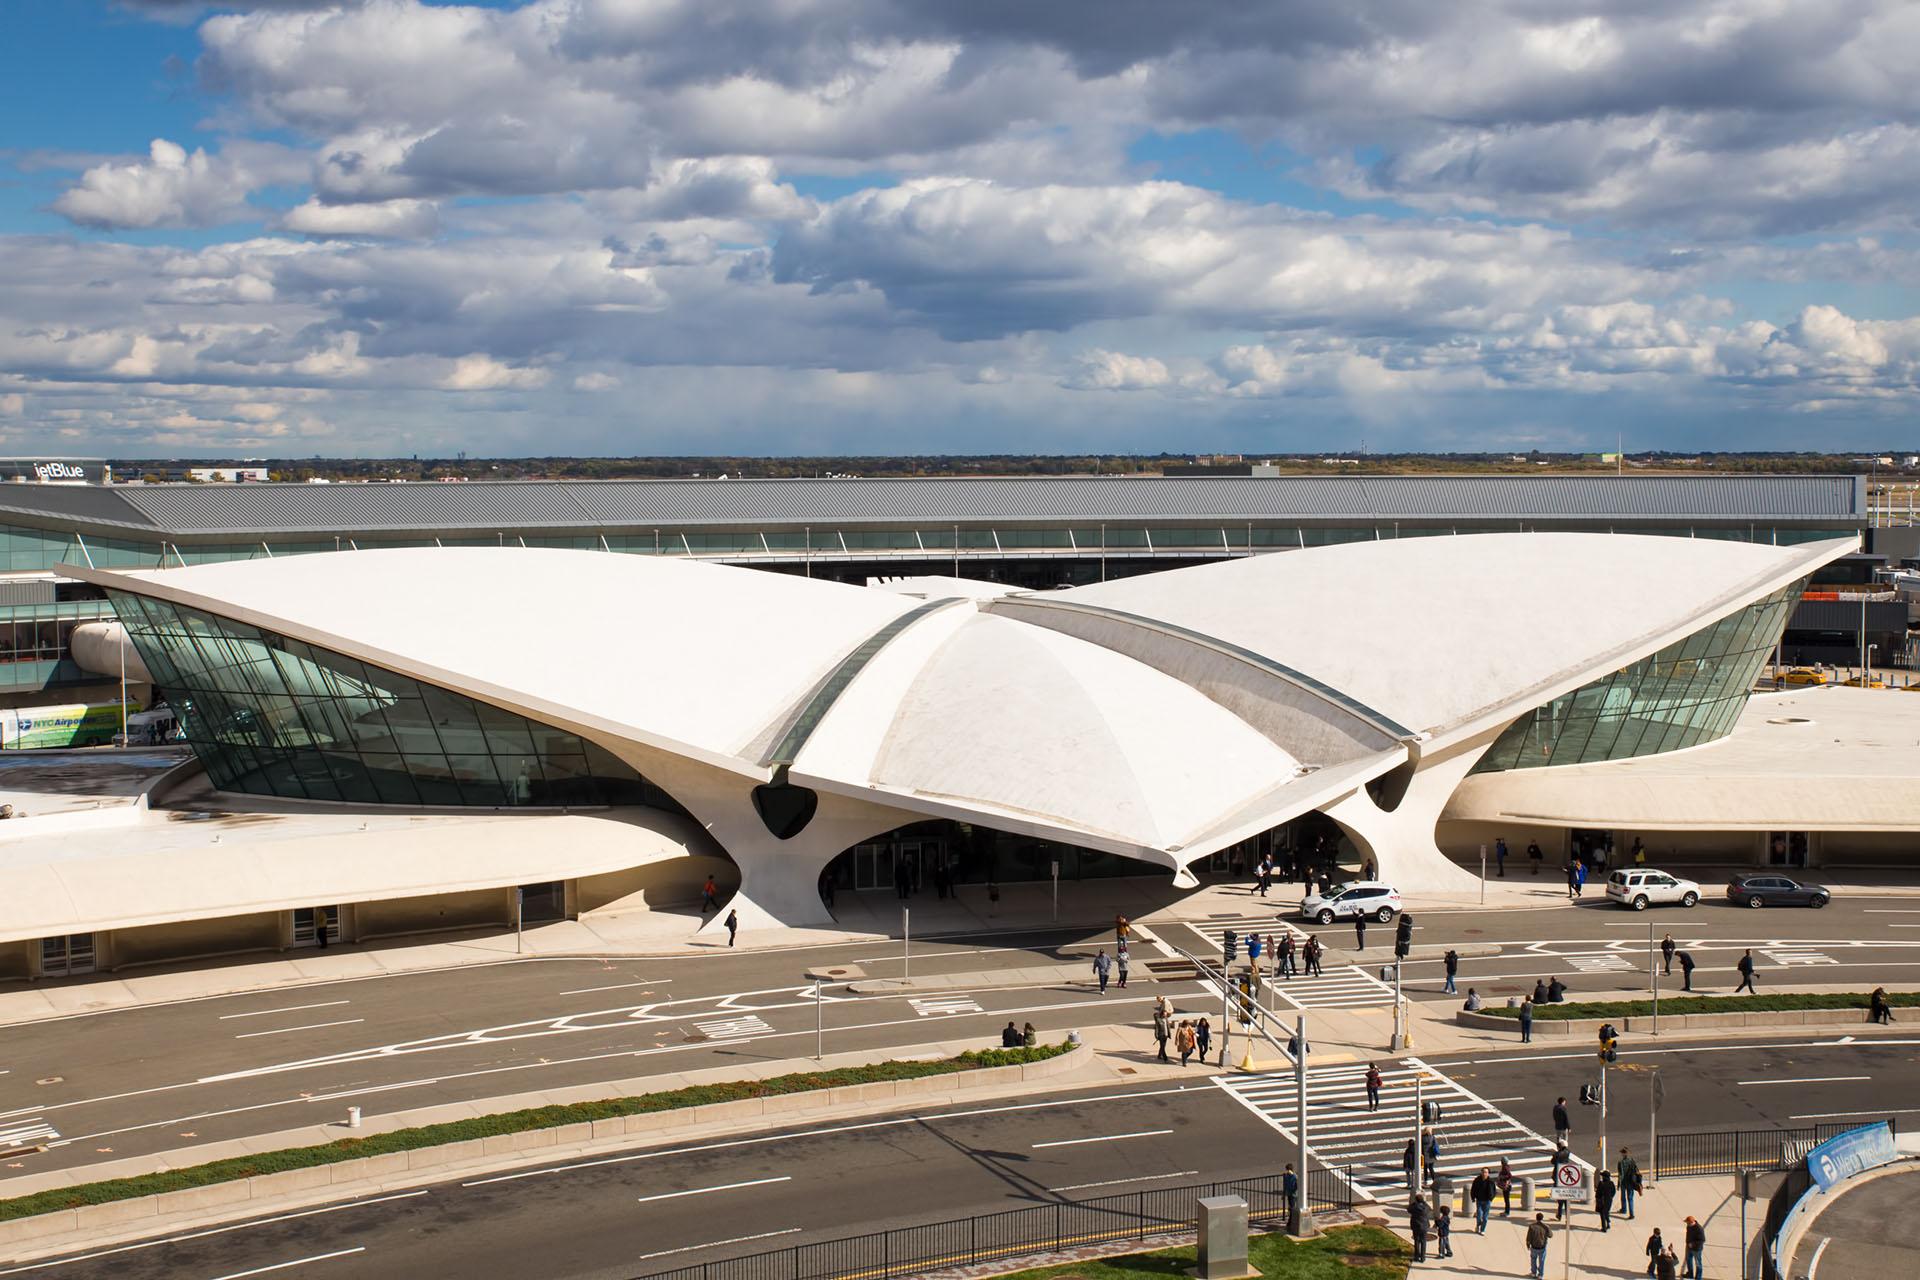 El aeropuerto John F. Kennedy en la ciudad de Nueva Yorkalberga un hotel de temática de los 60 en la antigua terminal de Trans World Airlines, que incluye tiendas, restaurantes y un bar dentro de un avión antiguo